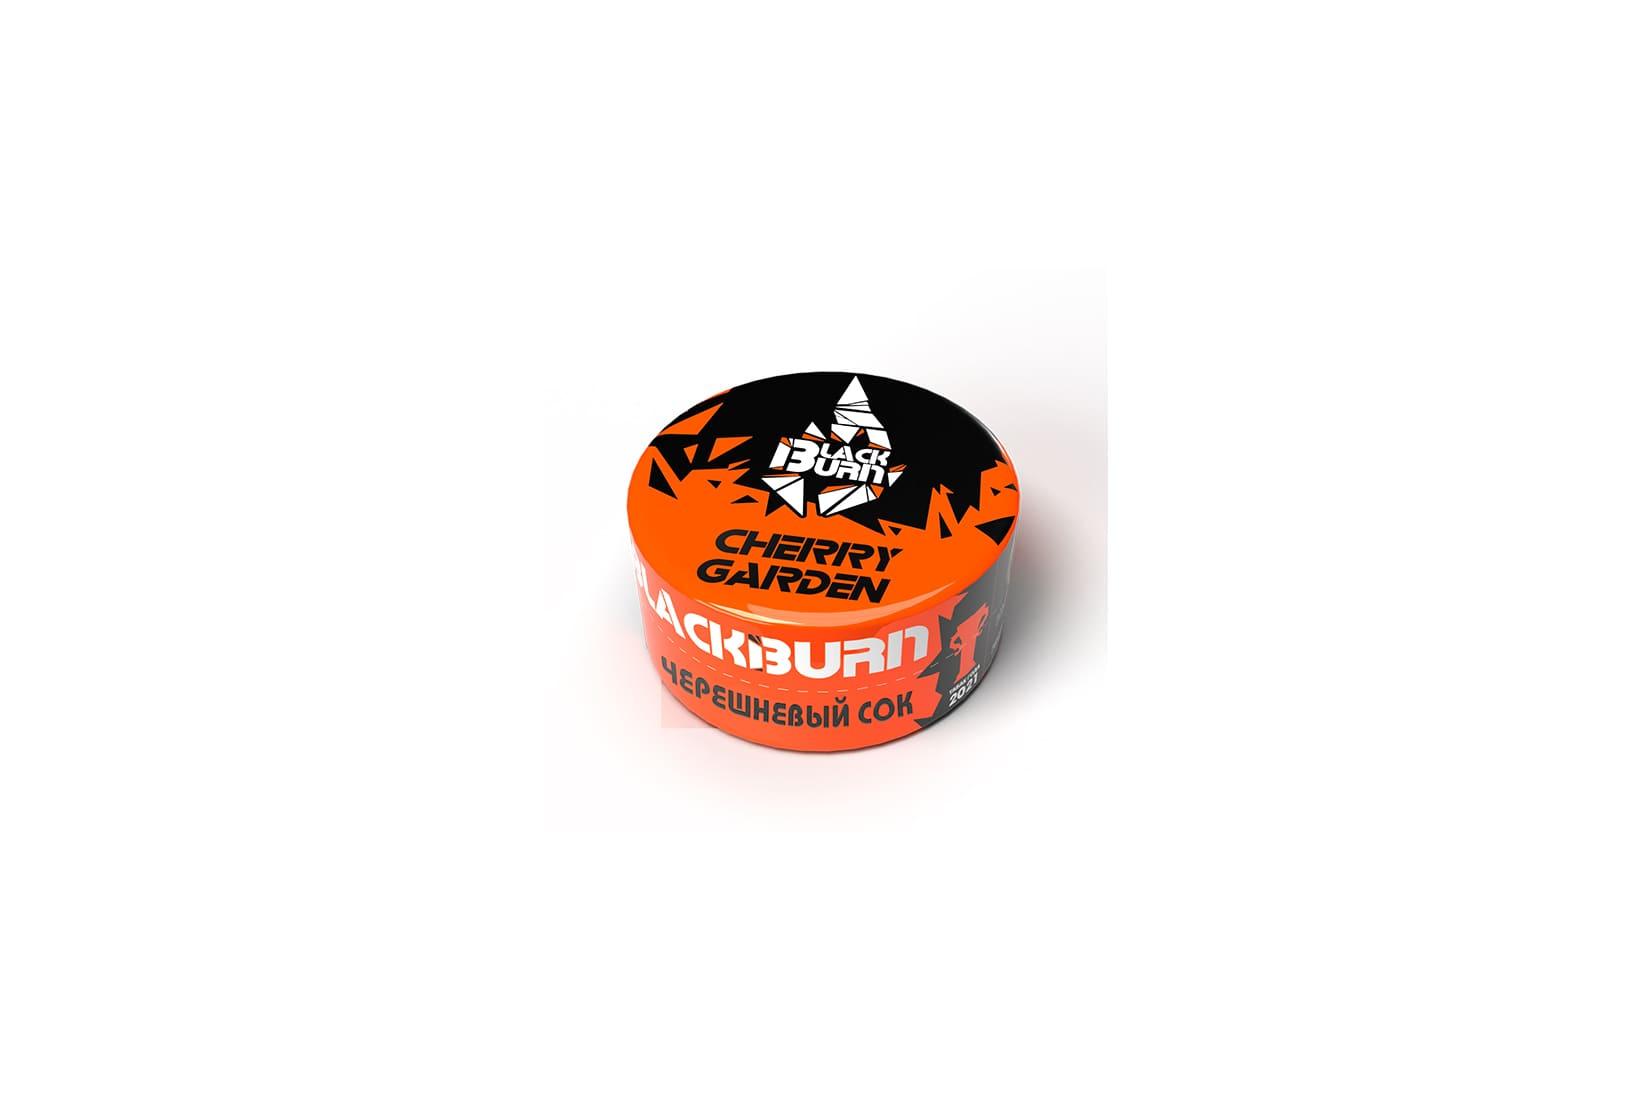 Табак для кальяна Black Burn CHERRY GARDEN – описание, миксы, отзывы